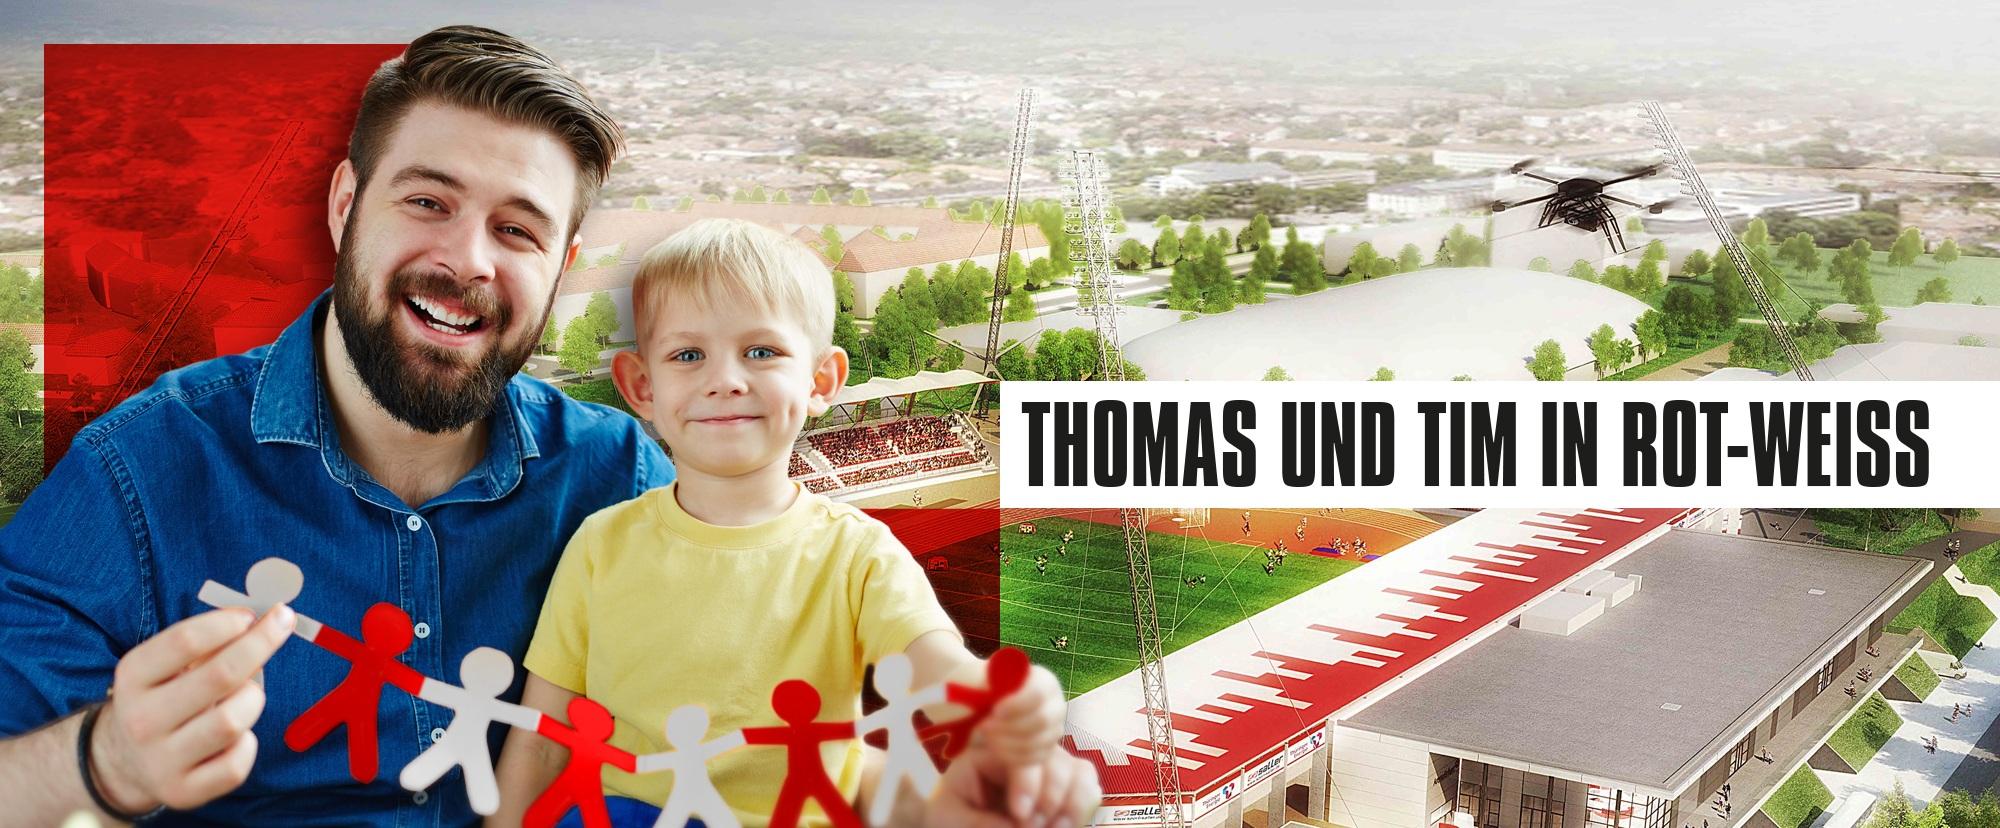 Thomas und Tim